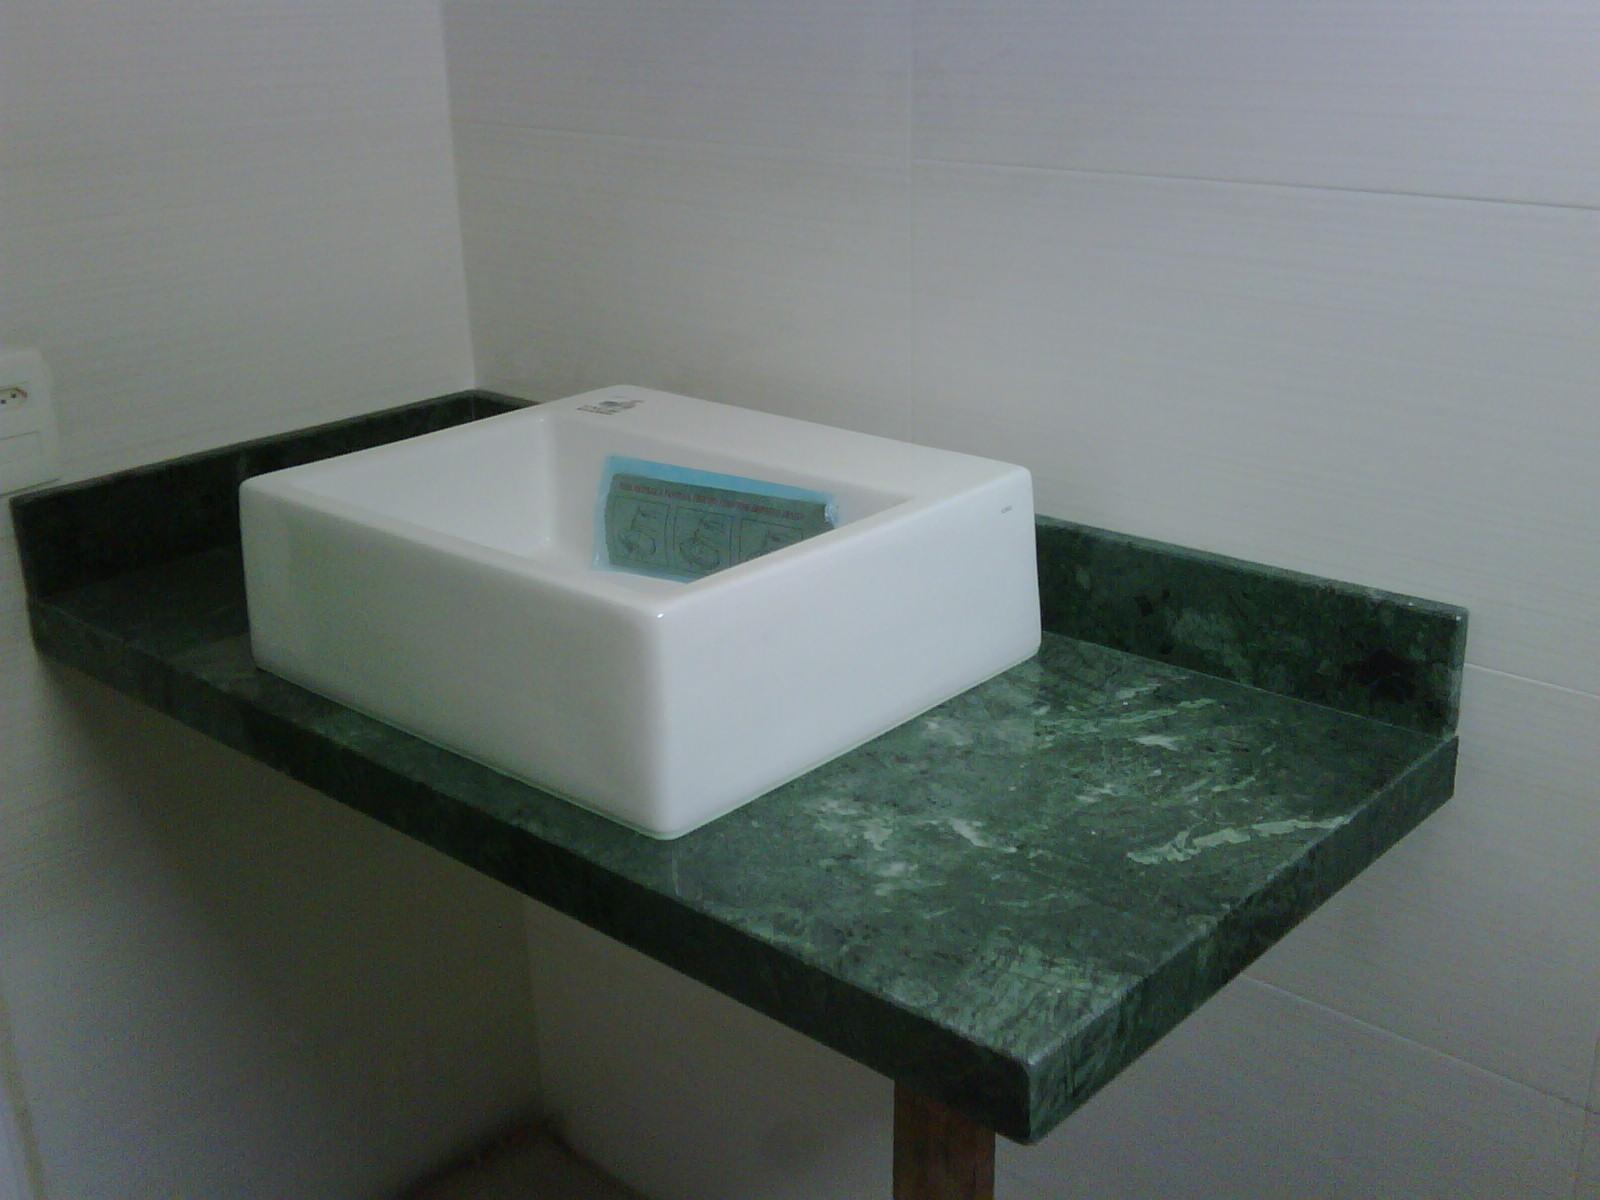 : Bancada de banheiro em mármore verde alpi com cuba de apoio deca #455B4F 1600x1200 Bancada De Banheiro Em Marmore